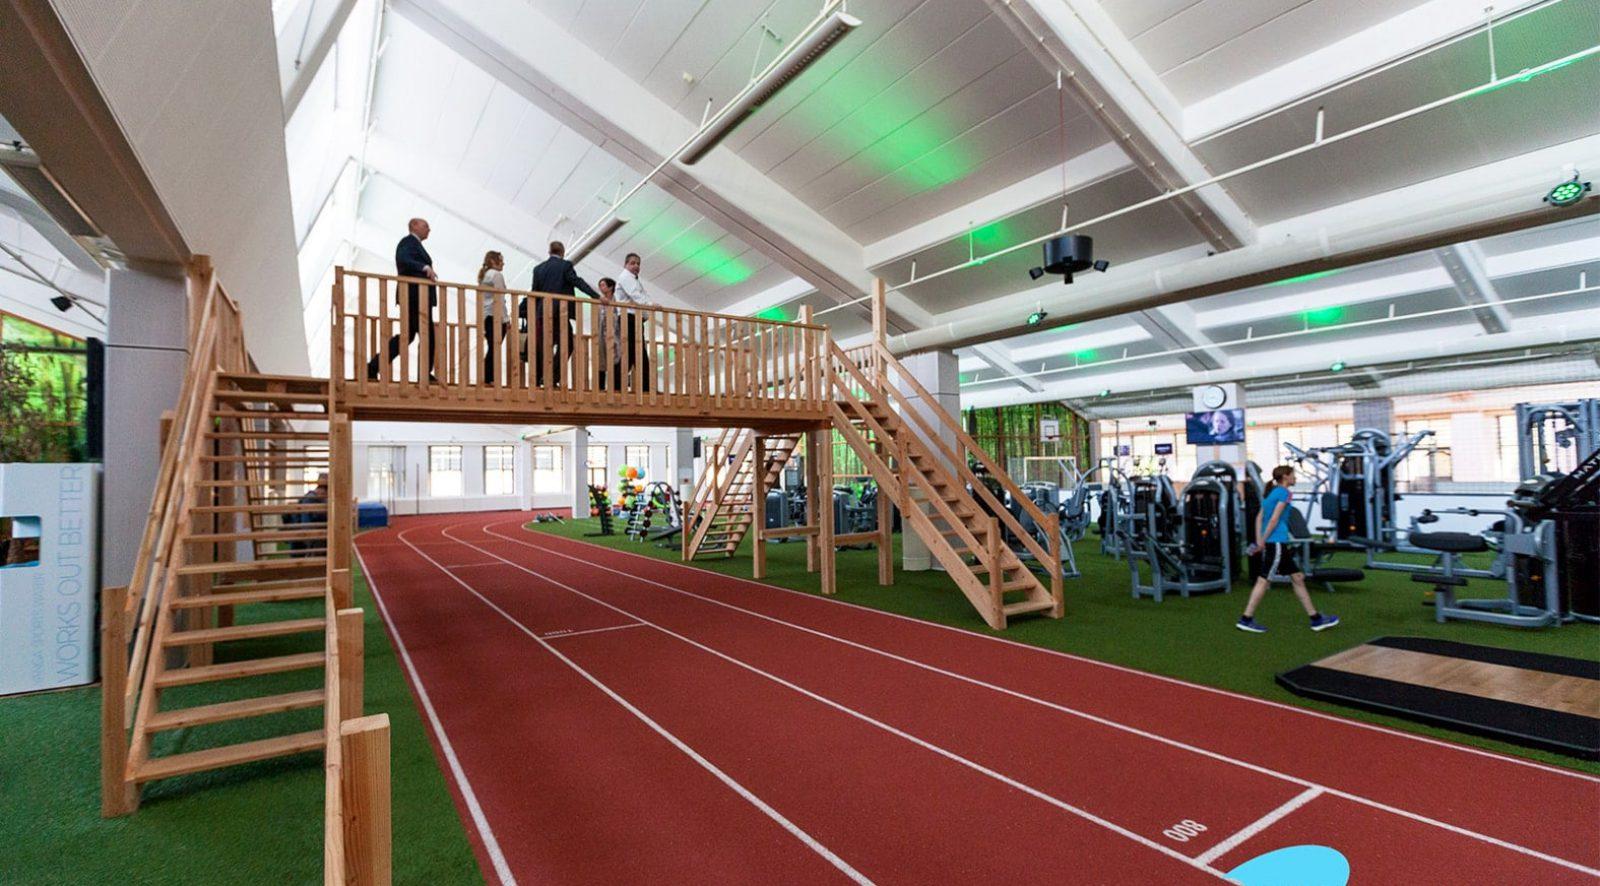 Faciliteiten in Gilze-Rijen | Crown Business Center Gilze-Rijen